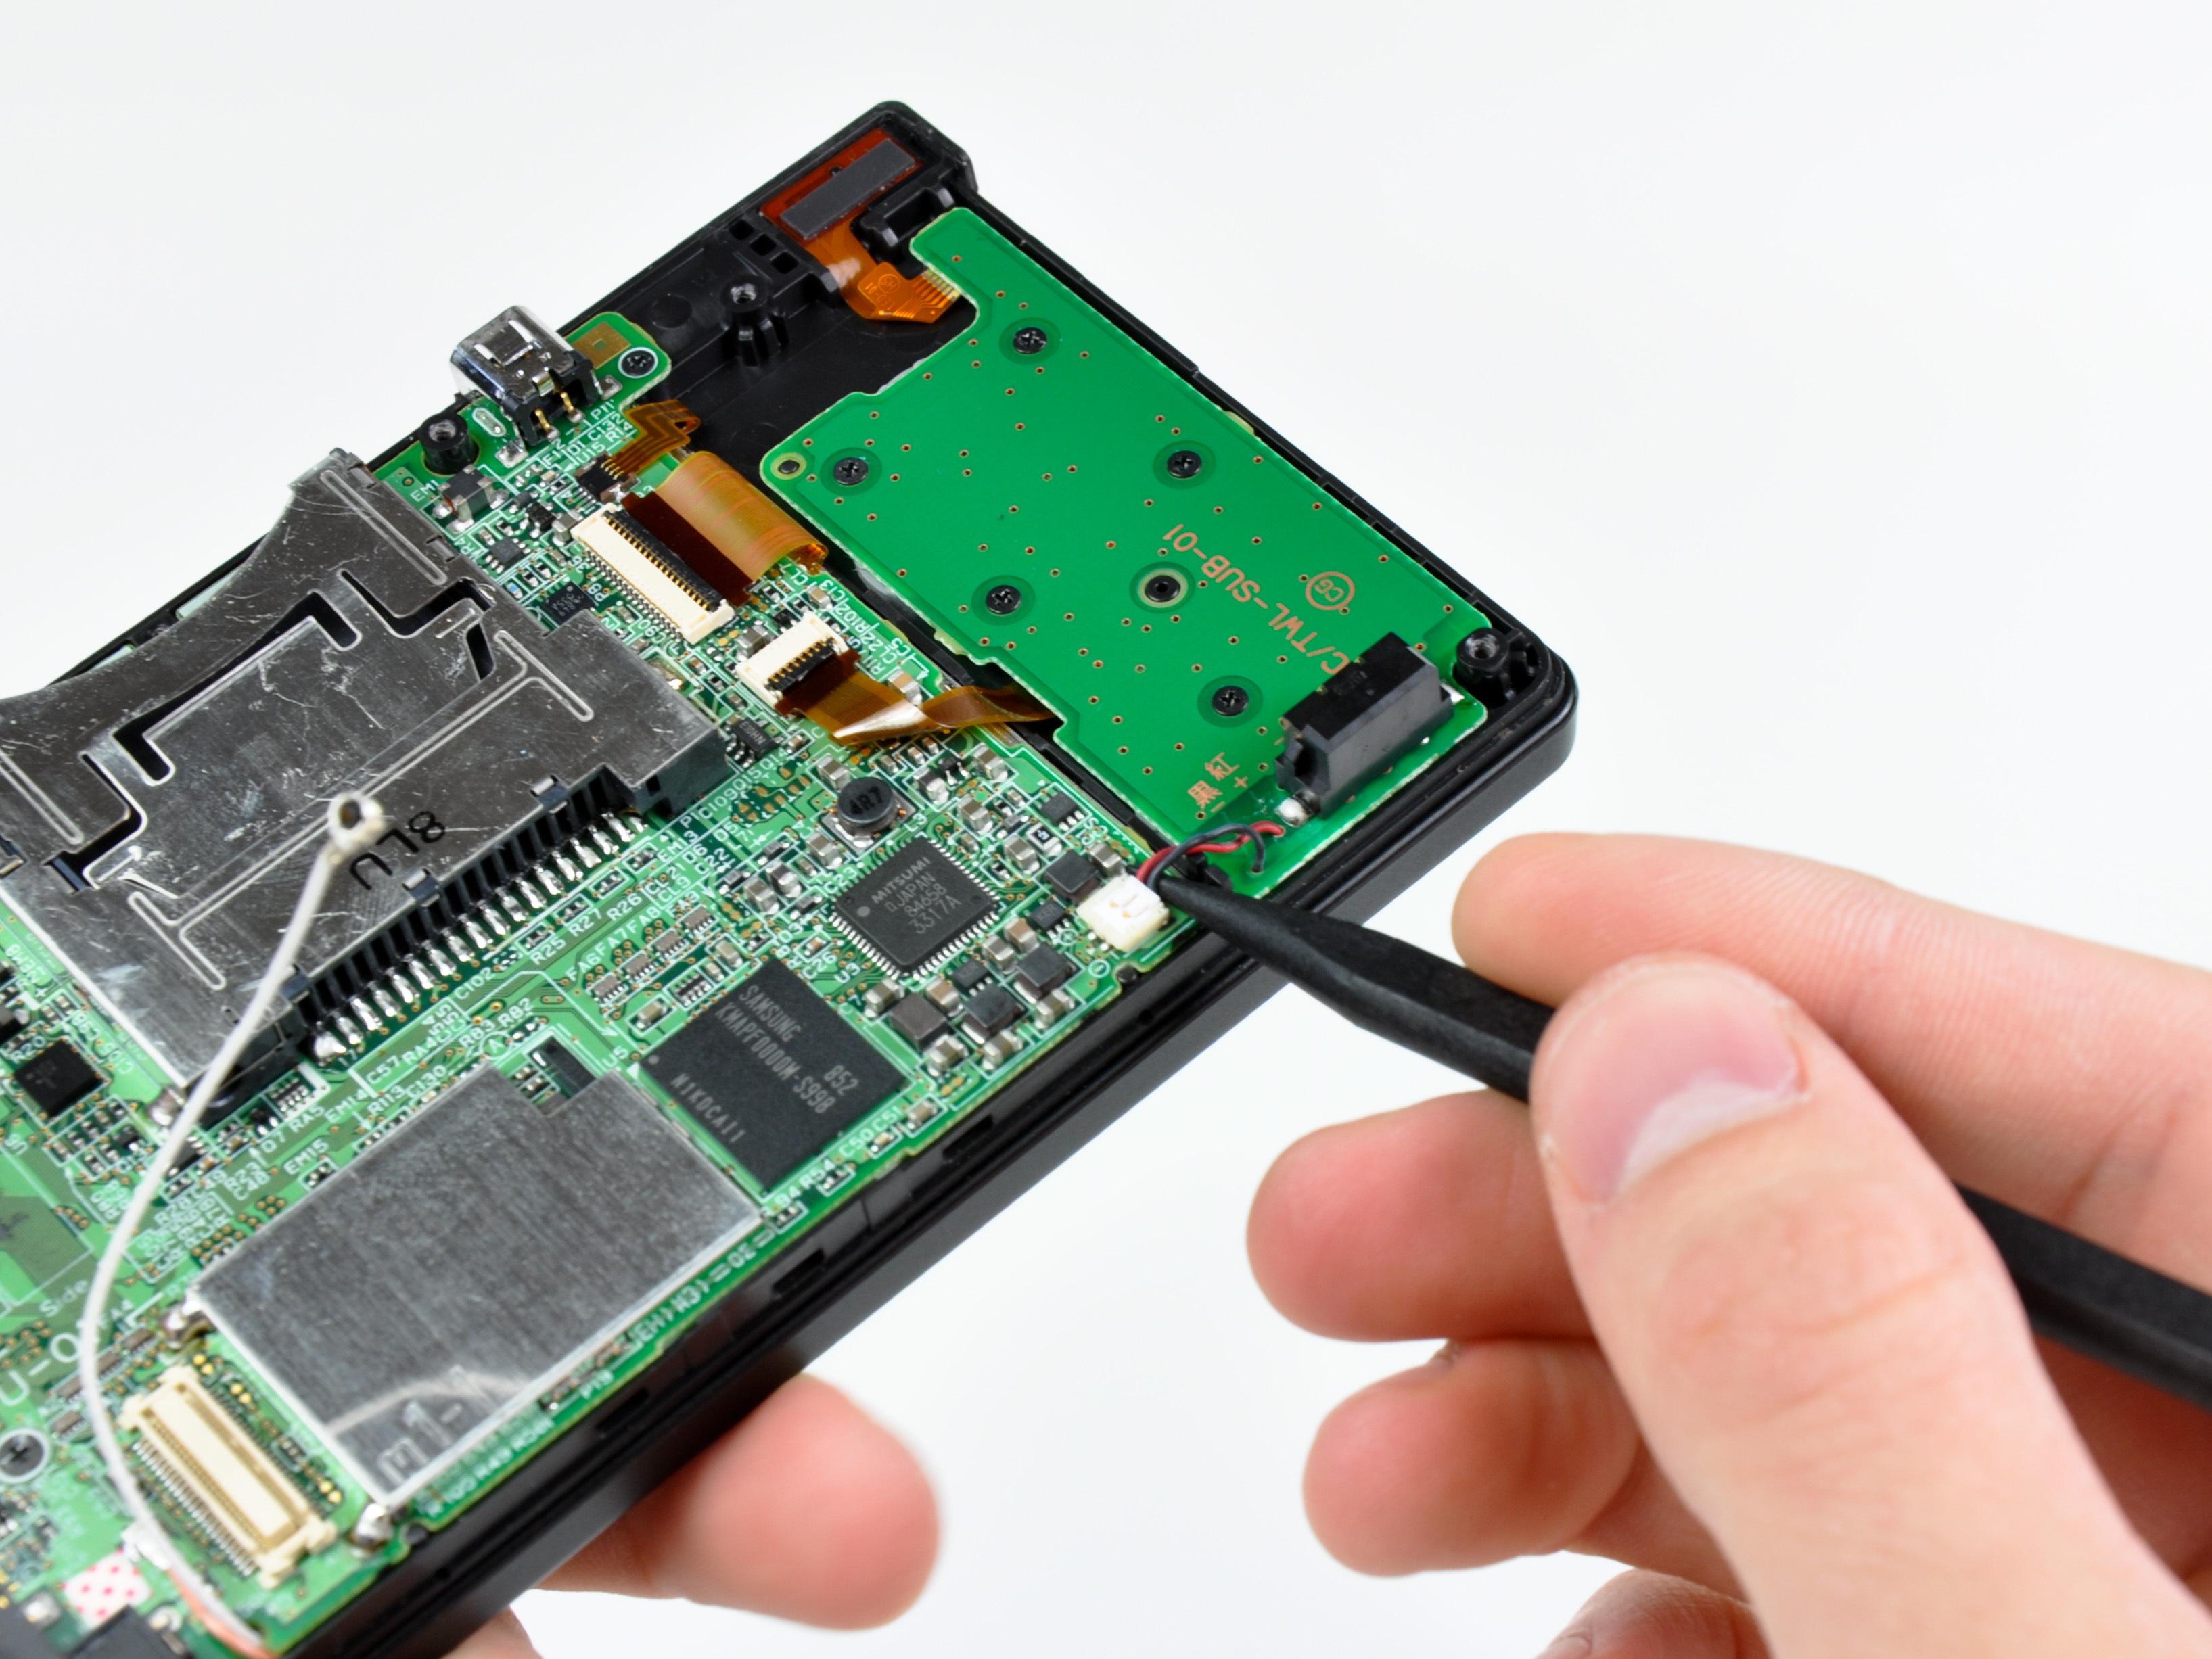 dsi repair ifixit rh ifixit com nintendo ds service manual nintendo ds service manual